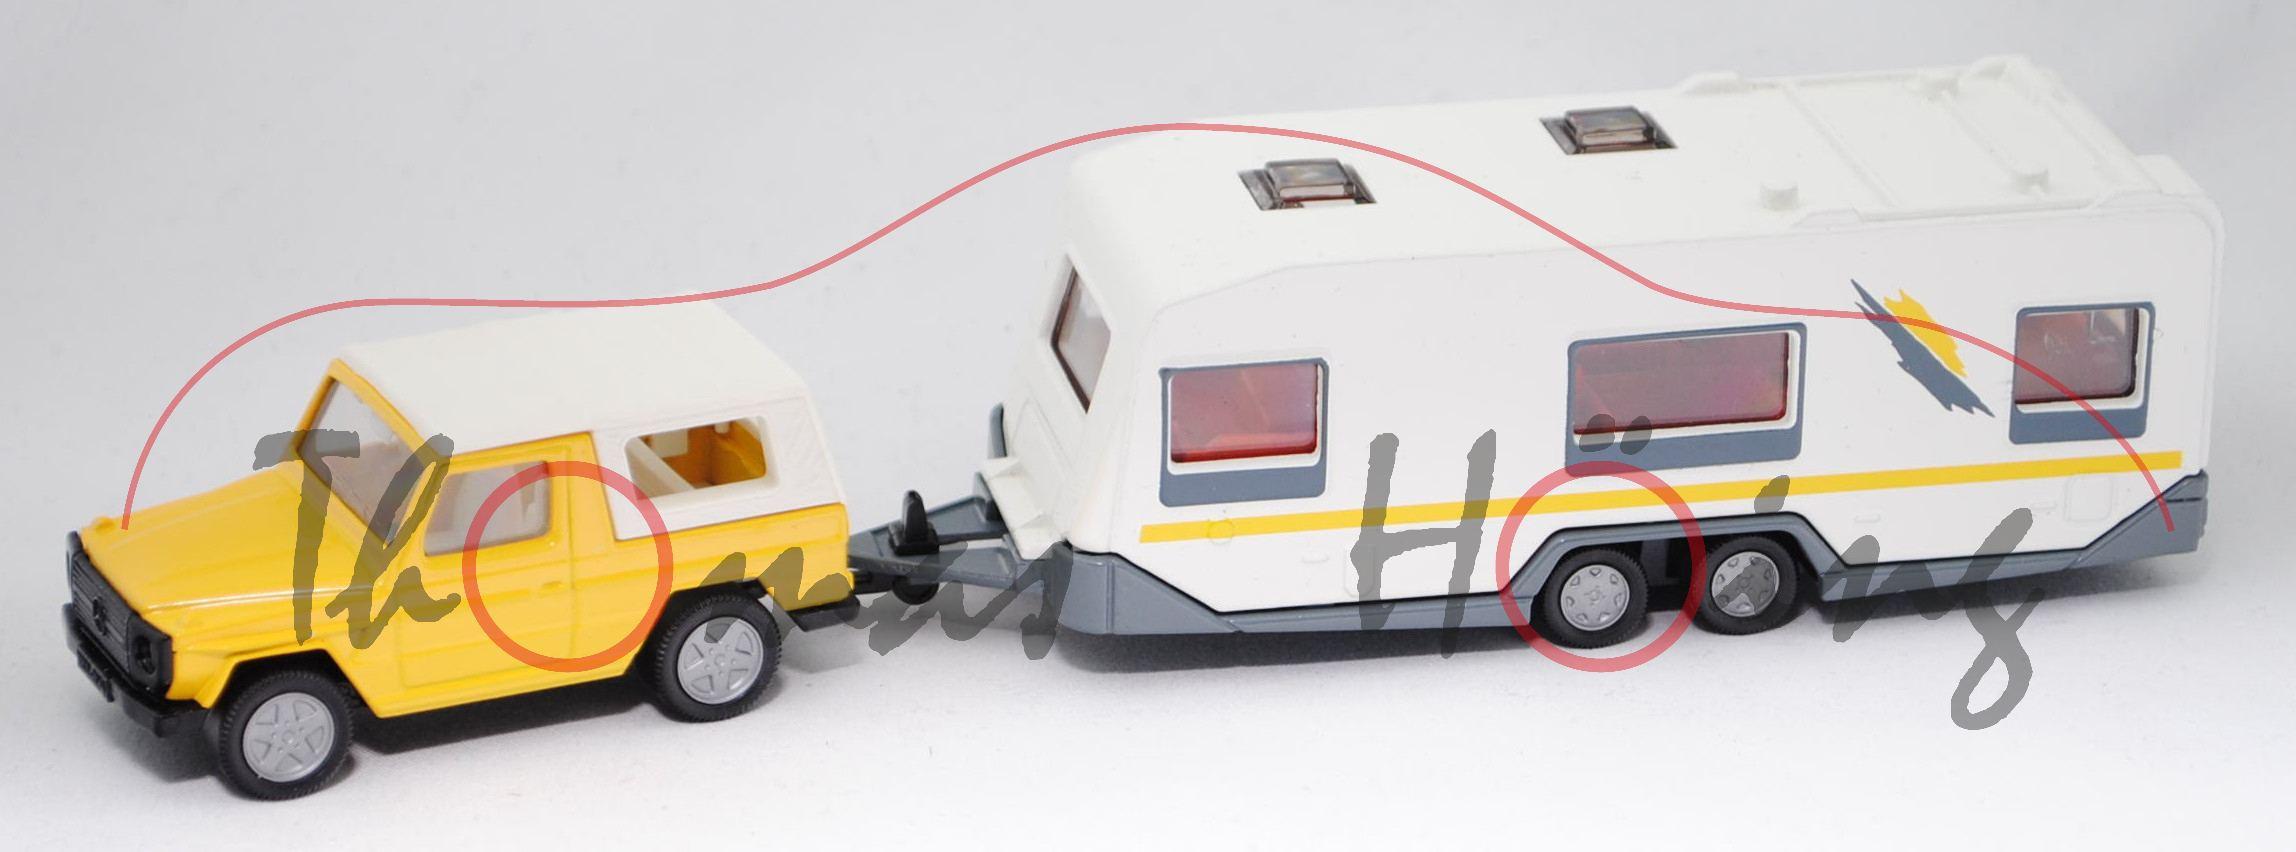 00005 mercedes benz 280 ge mod 80 90 mit knaus eurostar 620 tf mod 93 98 wohnwagen gelb. Black Bedroom Furniture Sets. Home Design Ideas